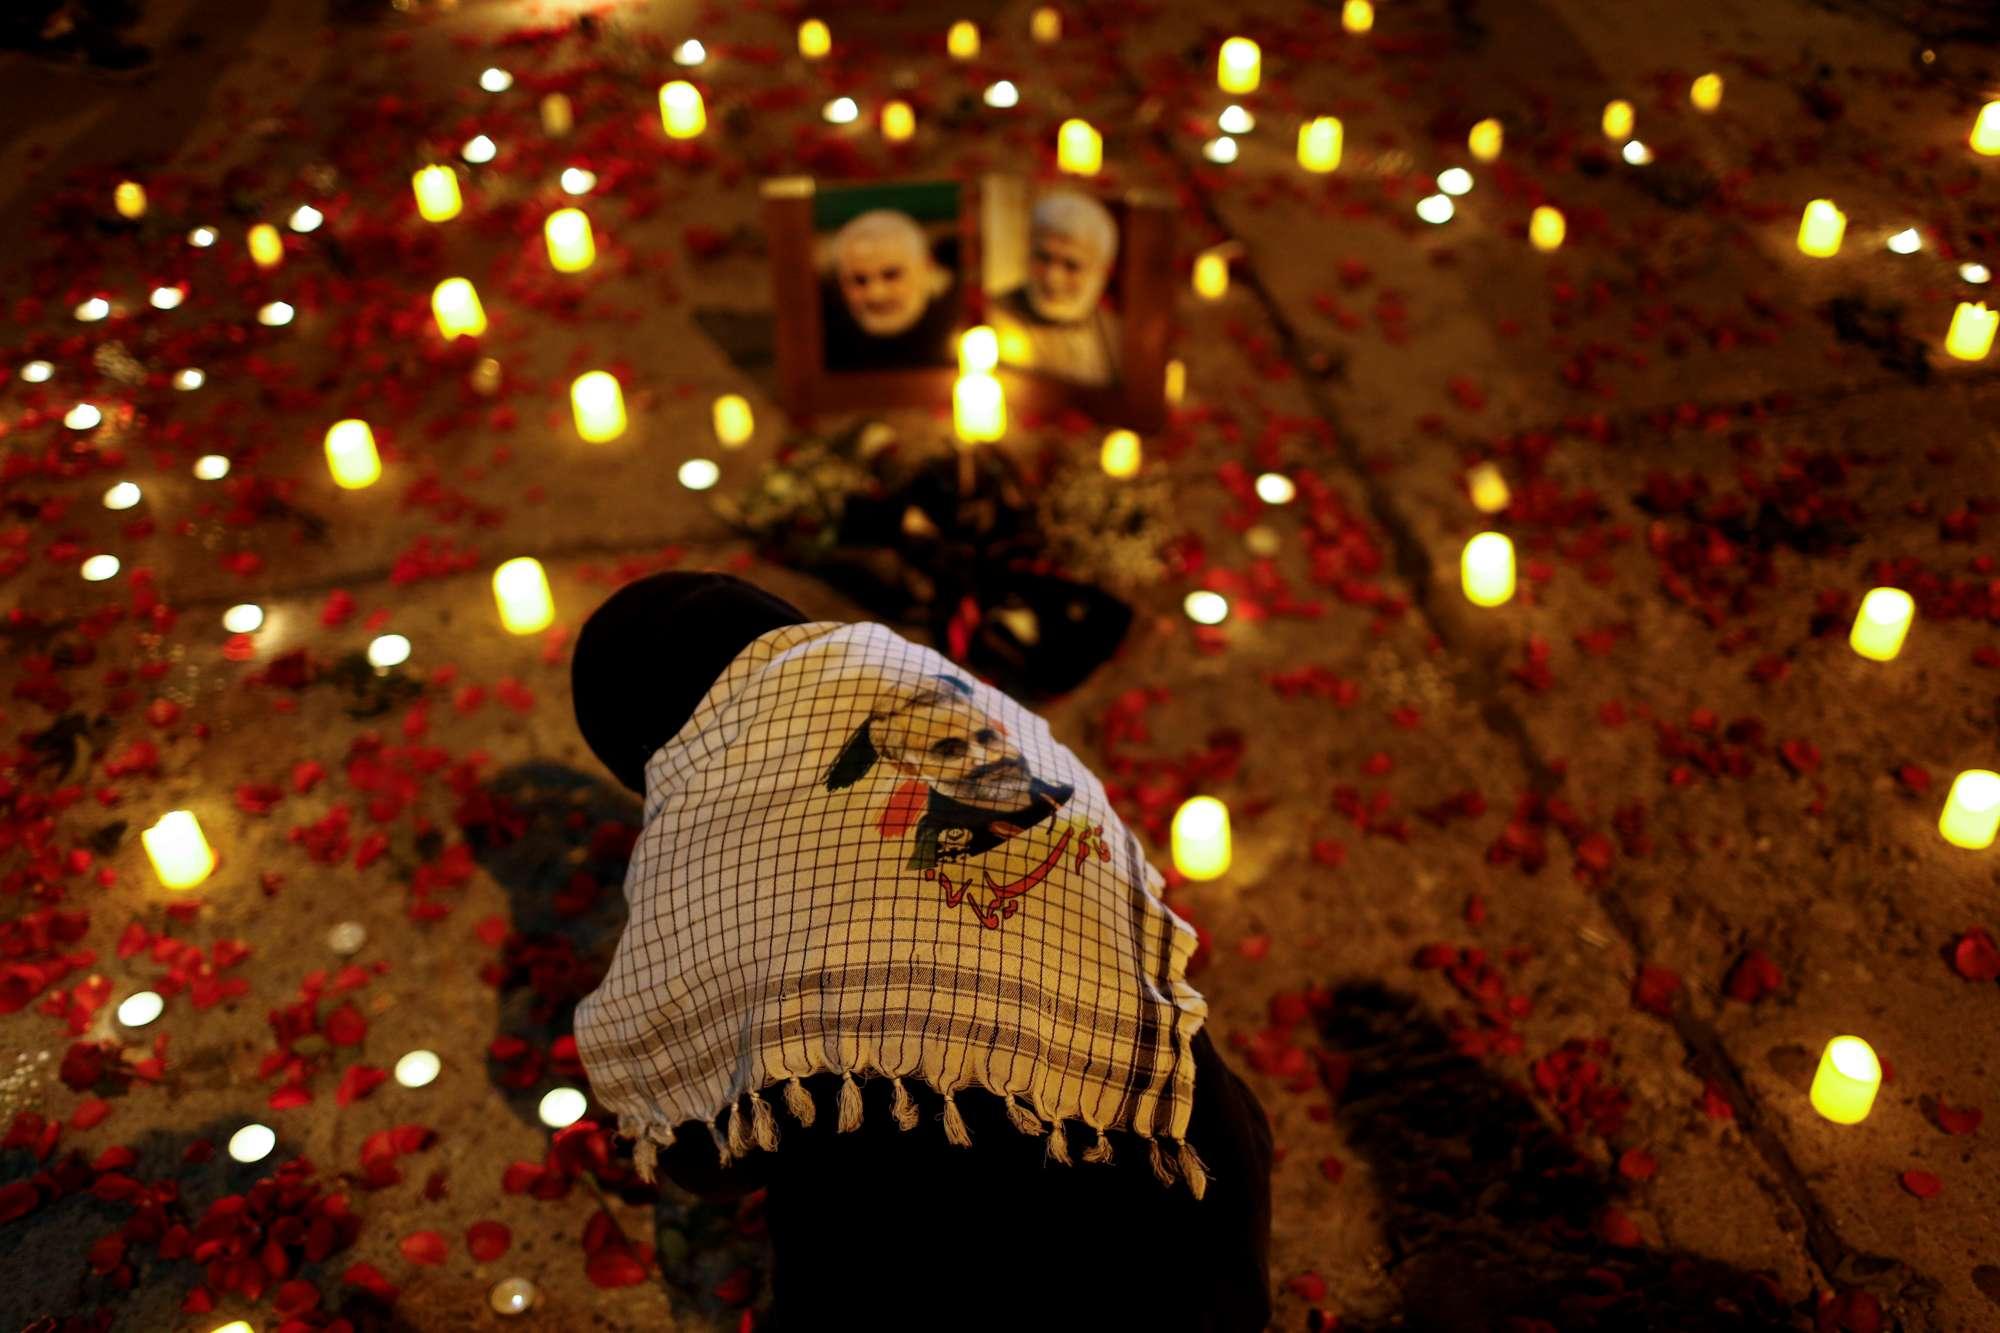 Οι Ιρανοί τιμούν τη μνήμη του στρατηγού Κασίμ Σολεϊμανί και του ιρακινού διοικητή Αμπού Μαχντί Αλ Μουχαντίς που σκοτώθηκαν πριν ένα χρόνο, στη Βαγδάτη, πιθανότατα από αμερικανικά πυρά